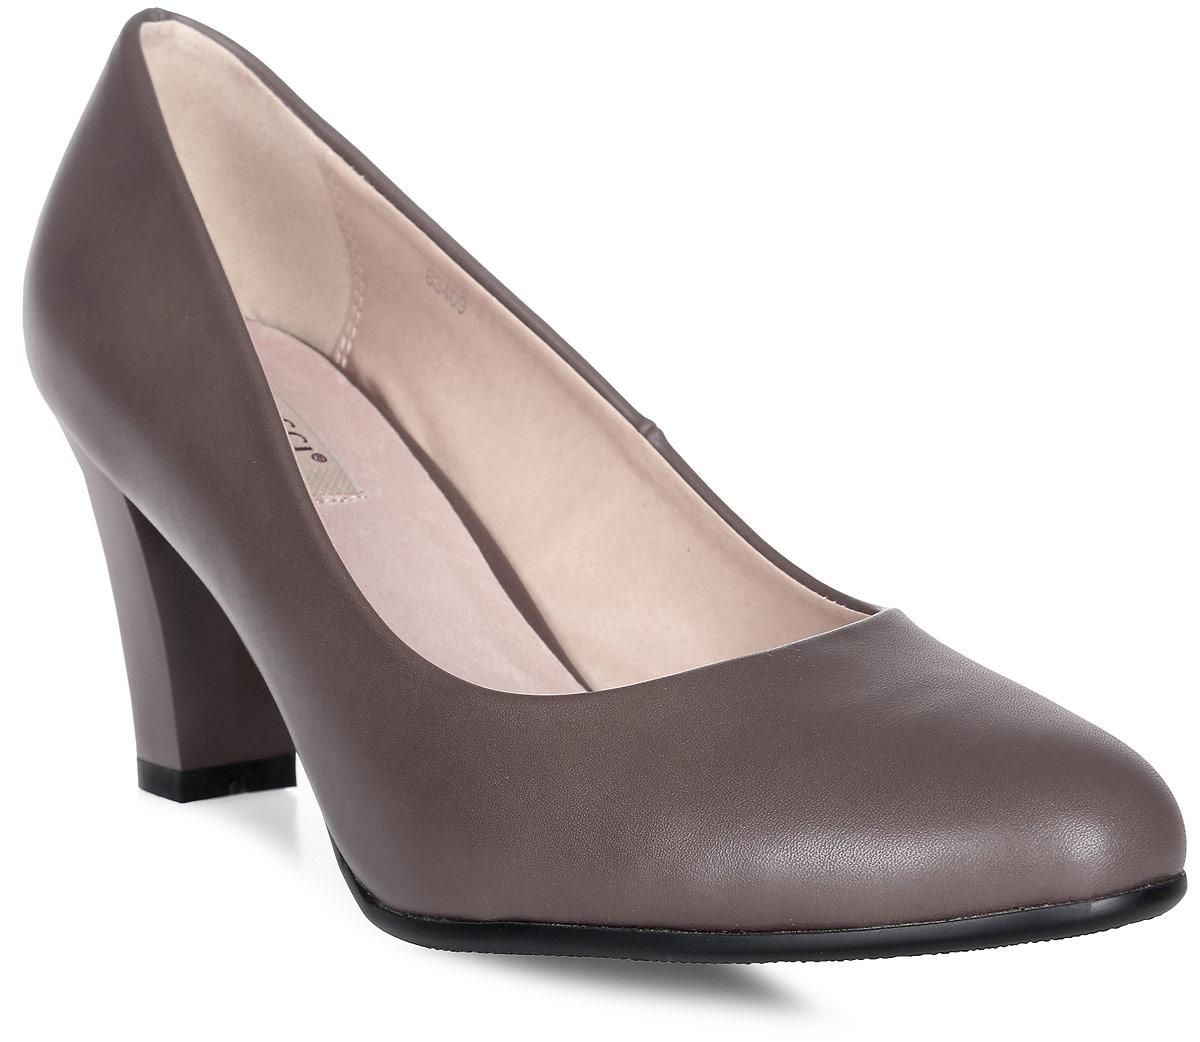 Туфли женские Vitacci, цвет: мокко. 83409. Размер 3583409Стильные туфли Vitacci выполнены из качественной искусственной кожи. Стелька из натуральной кожи обеспечивает комфорт и удобство при ходьбе. Подошва выполнена с высоким устойчивым каблуком.